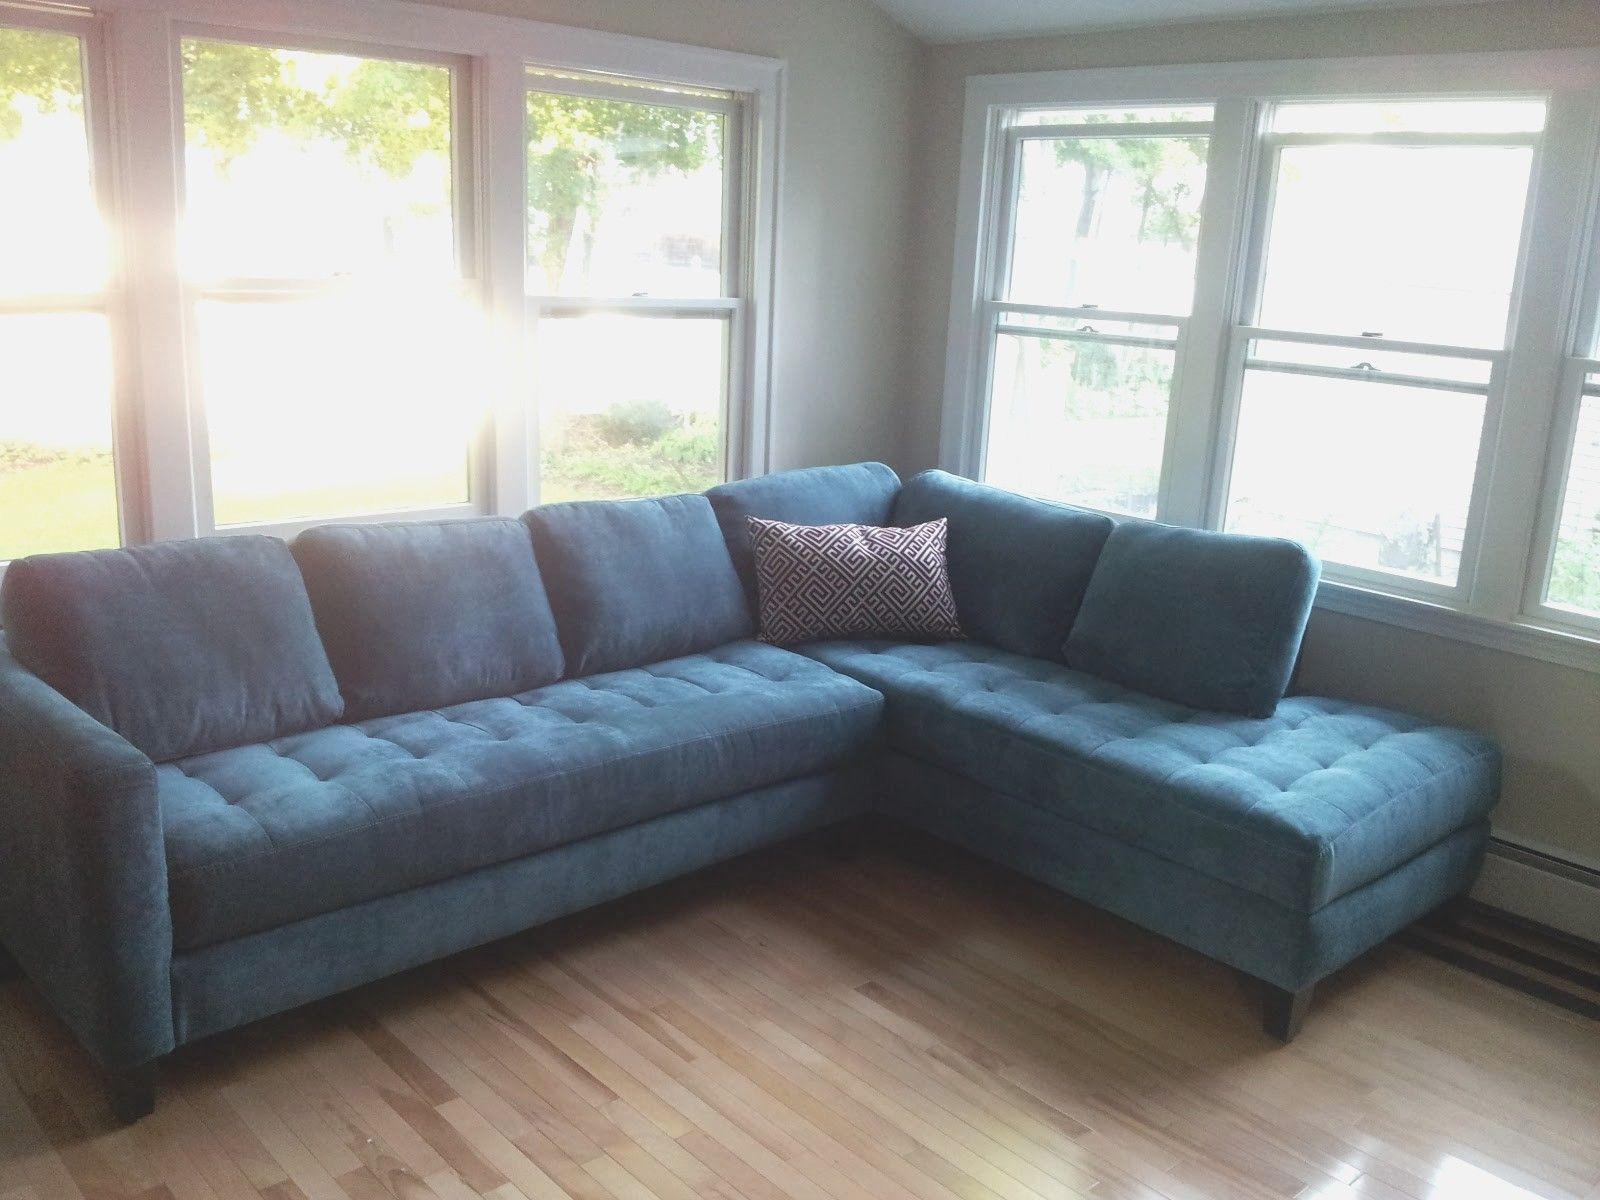 Arrange Sectional Sofa Small Living Room Blue Sofas Living Room